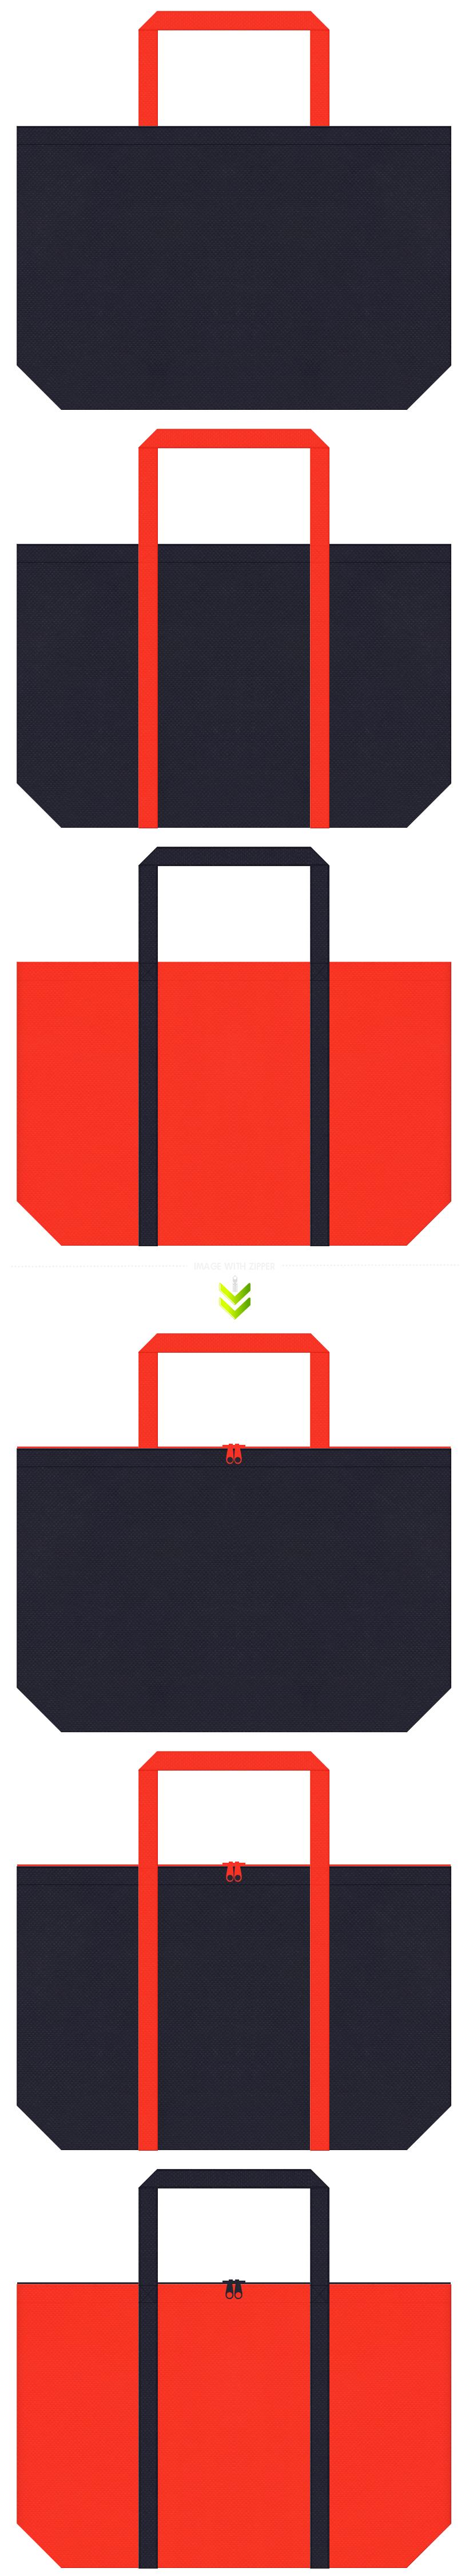 アリーナ・ユニフォーム・シューズ・スポーツイベント・スポーティーファッション・スポーツ用品のショッピングバッグにお奨めの不織布バッグデザイン:濃紺色とオレンジ色のコーデ